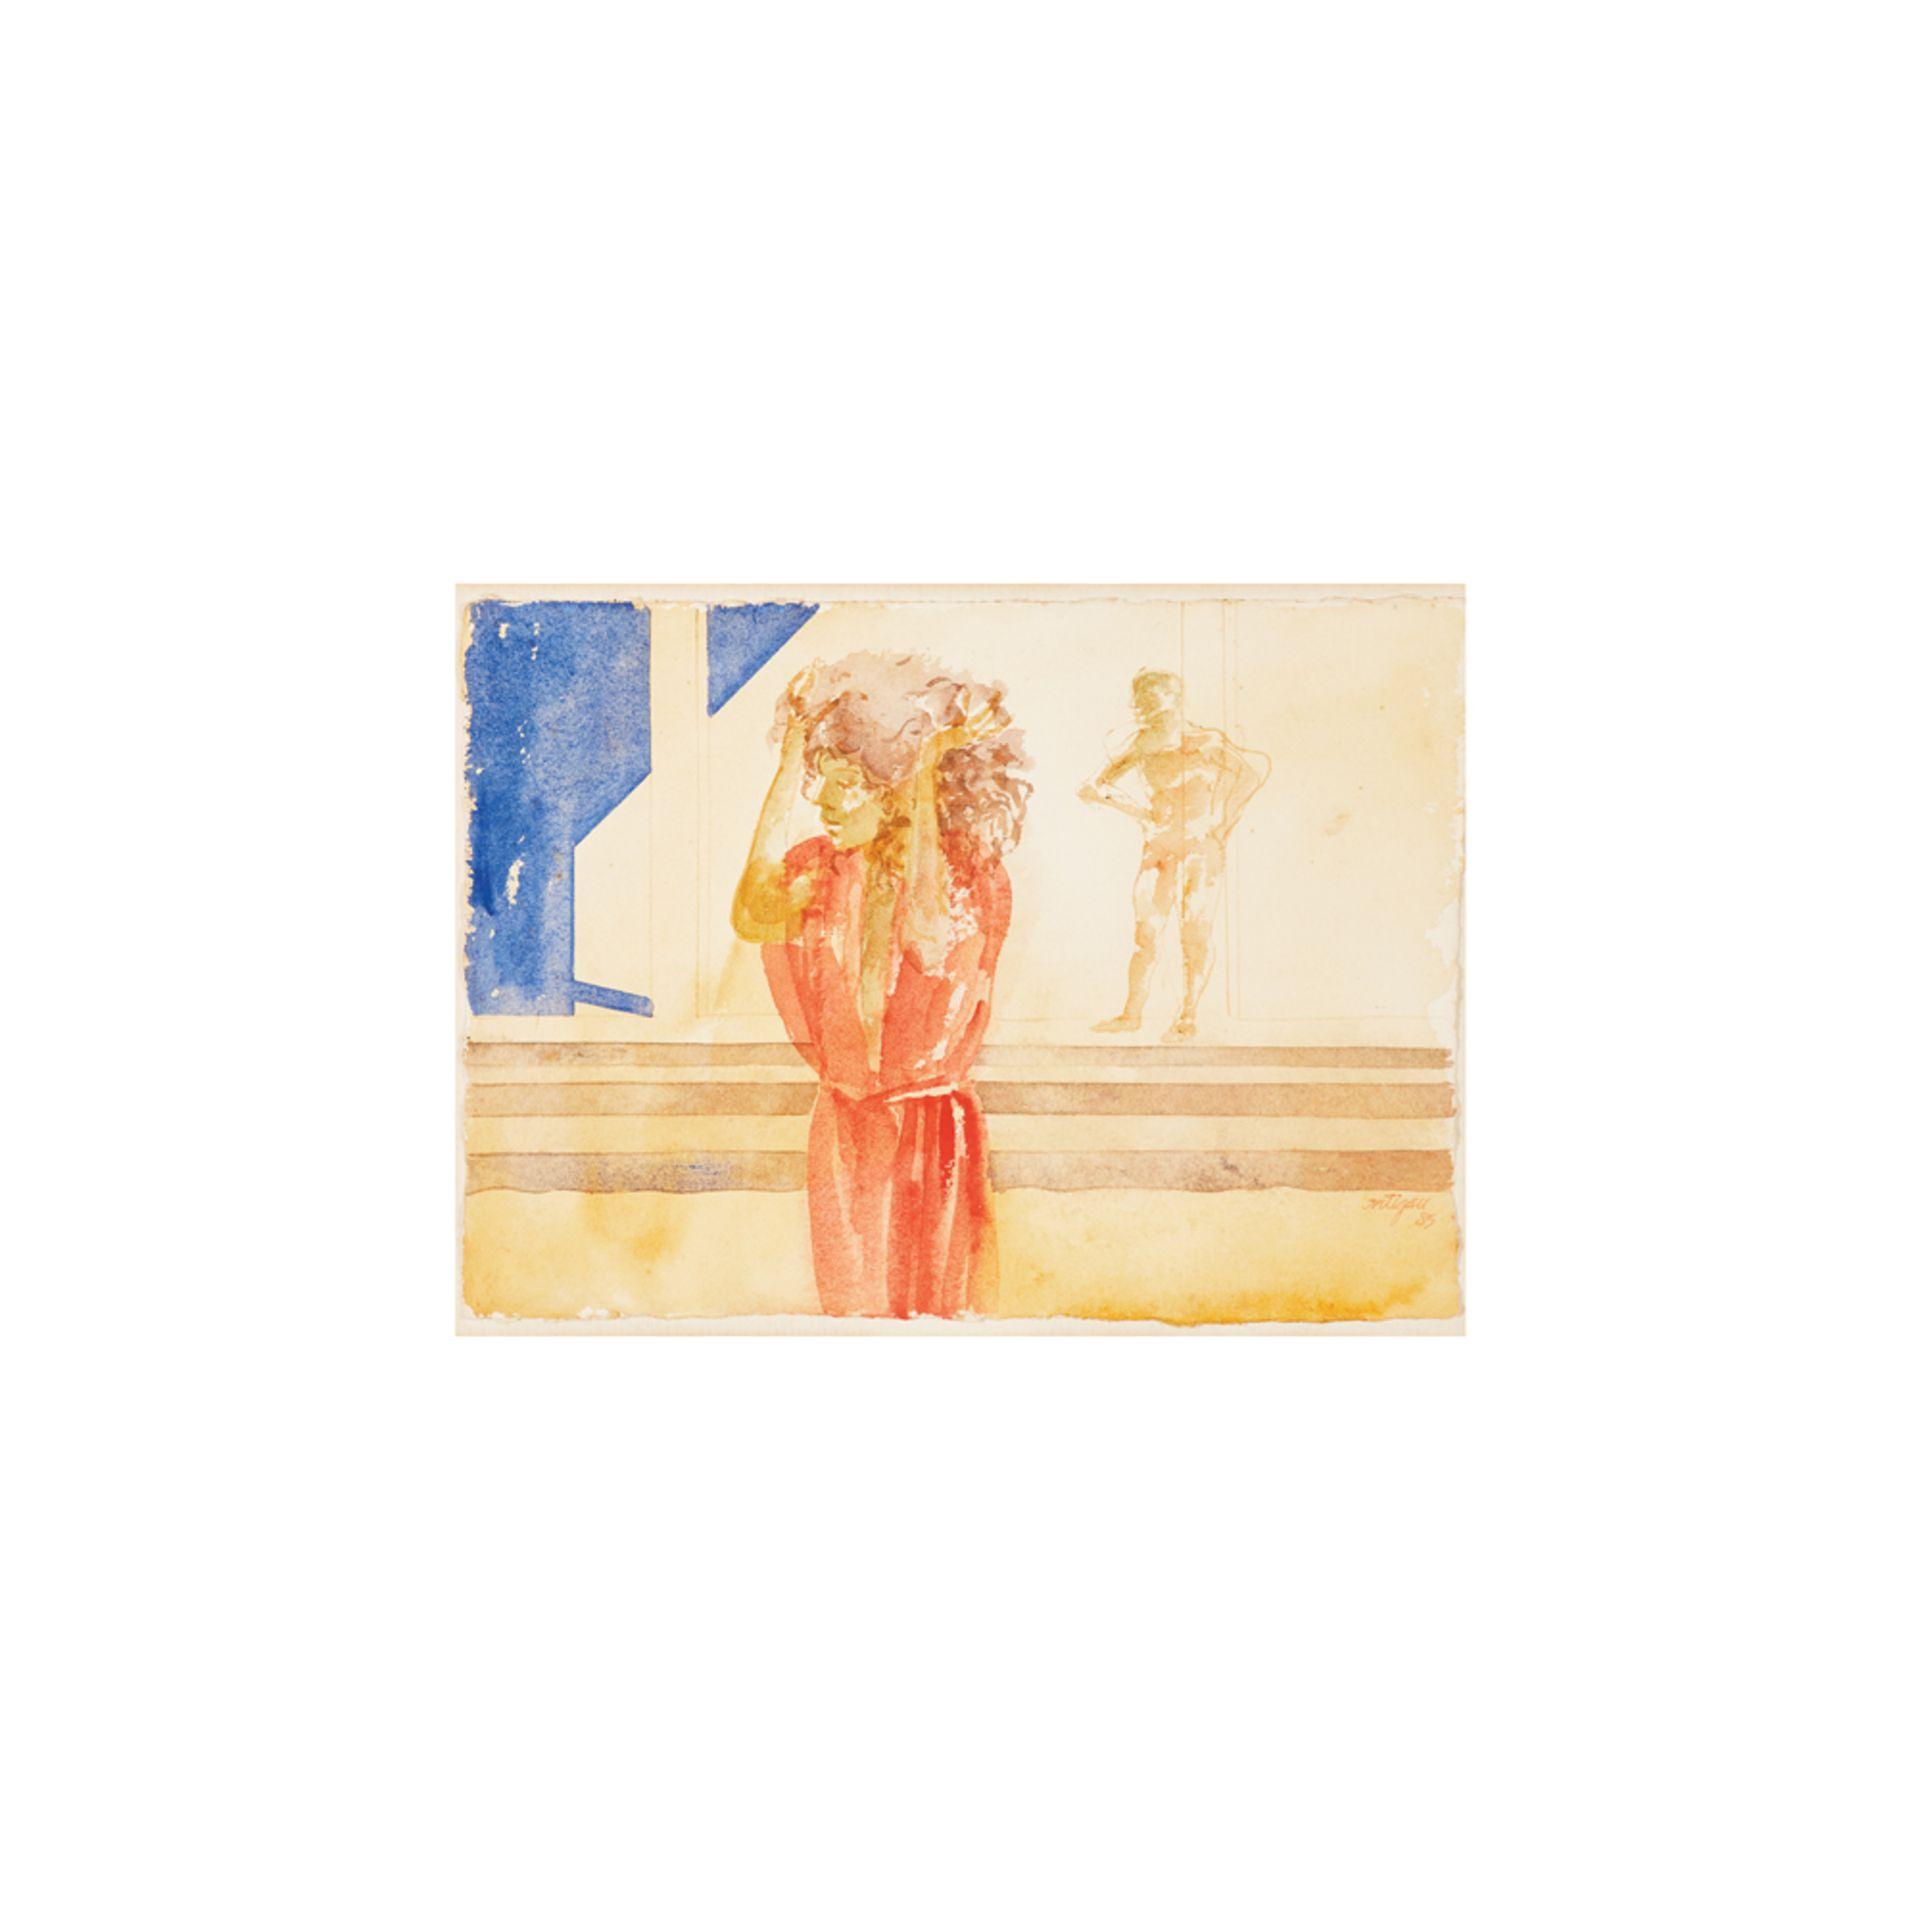 Los 53 - Francesc Artigau. Figuras. Acuarela sobre papel.